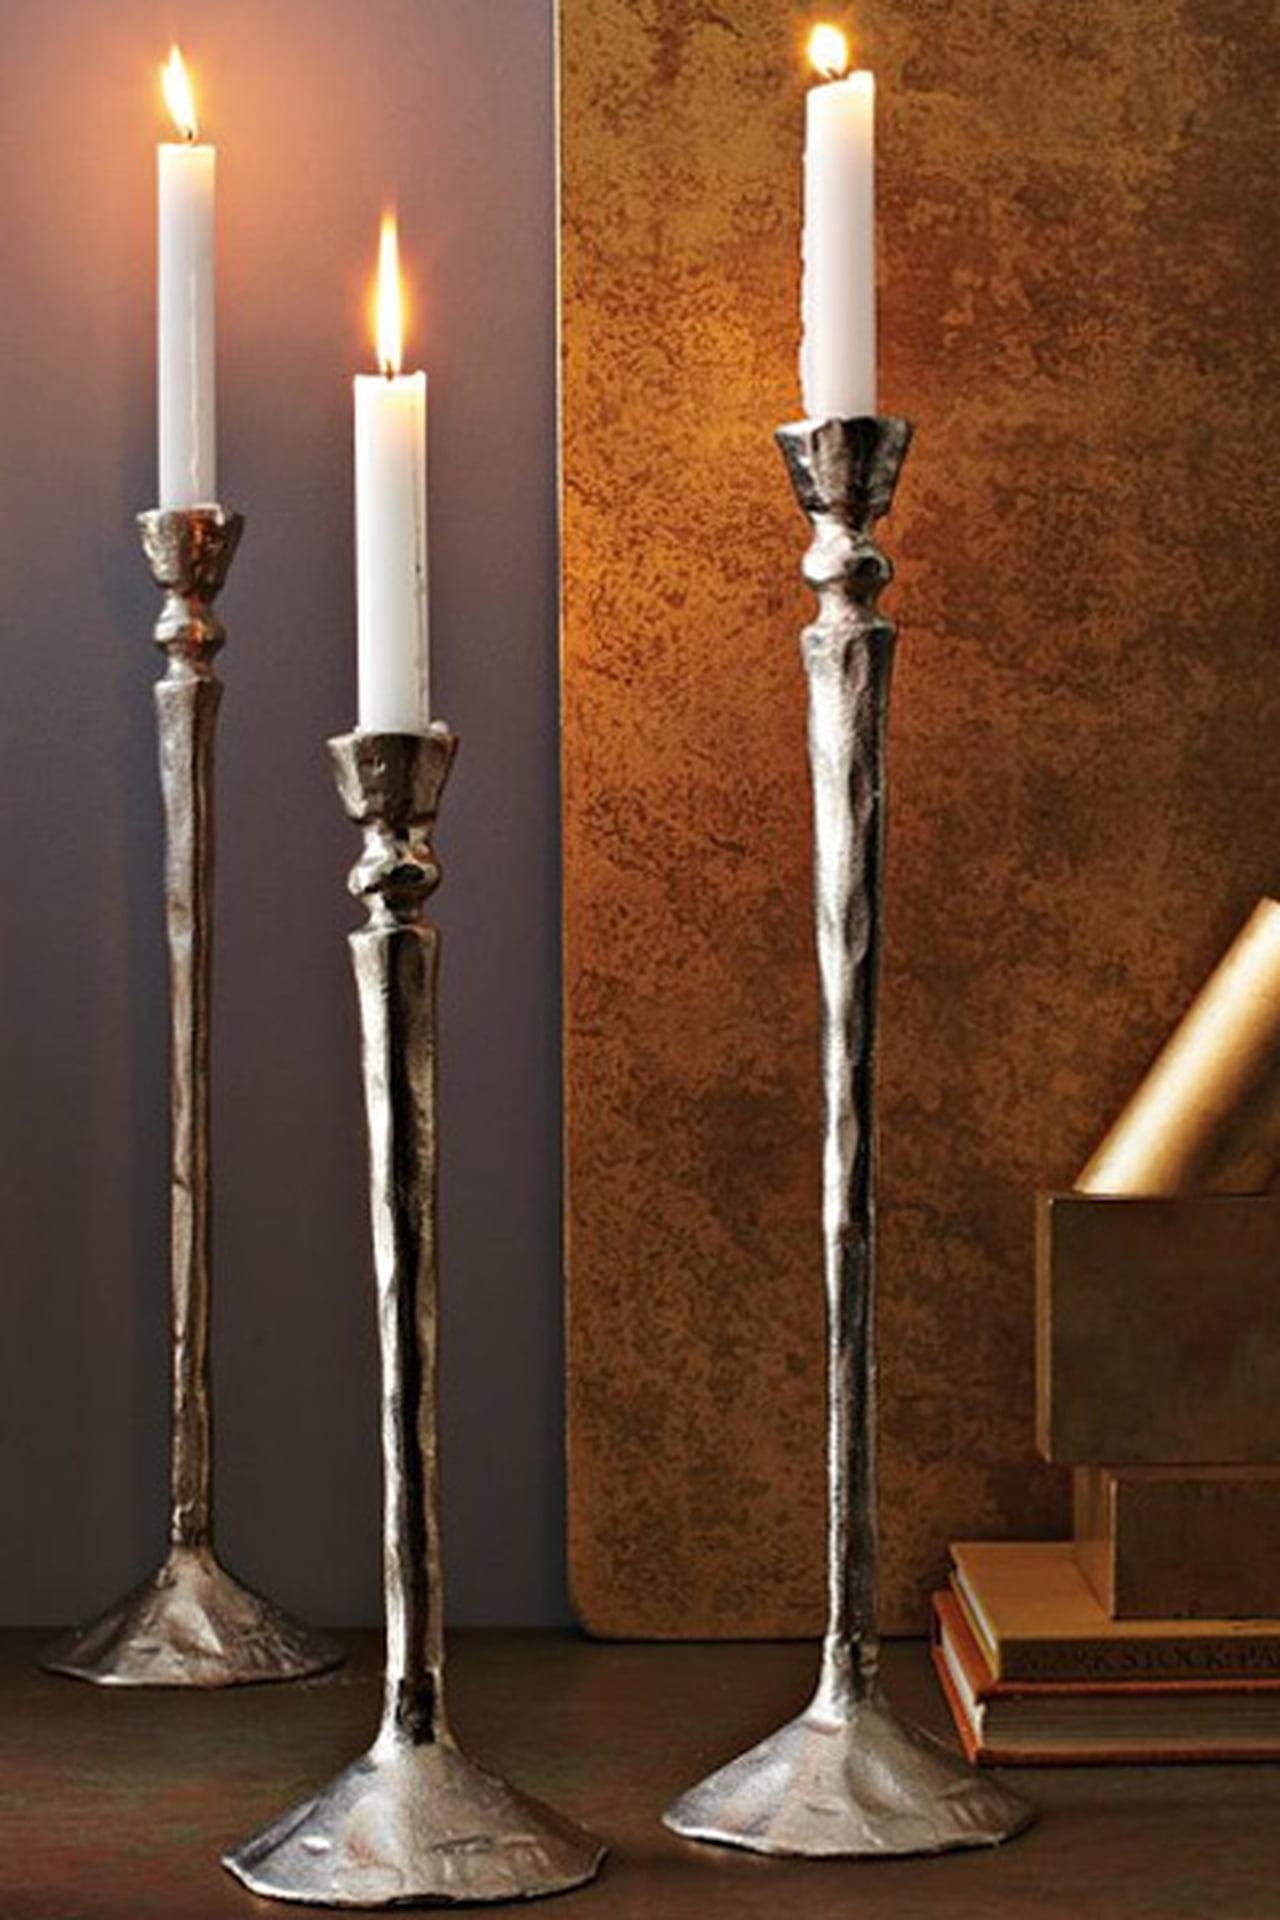 أجمل تصاميم حاملات الشموع الأنيقة والساحرة 788065